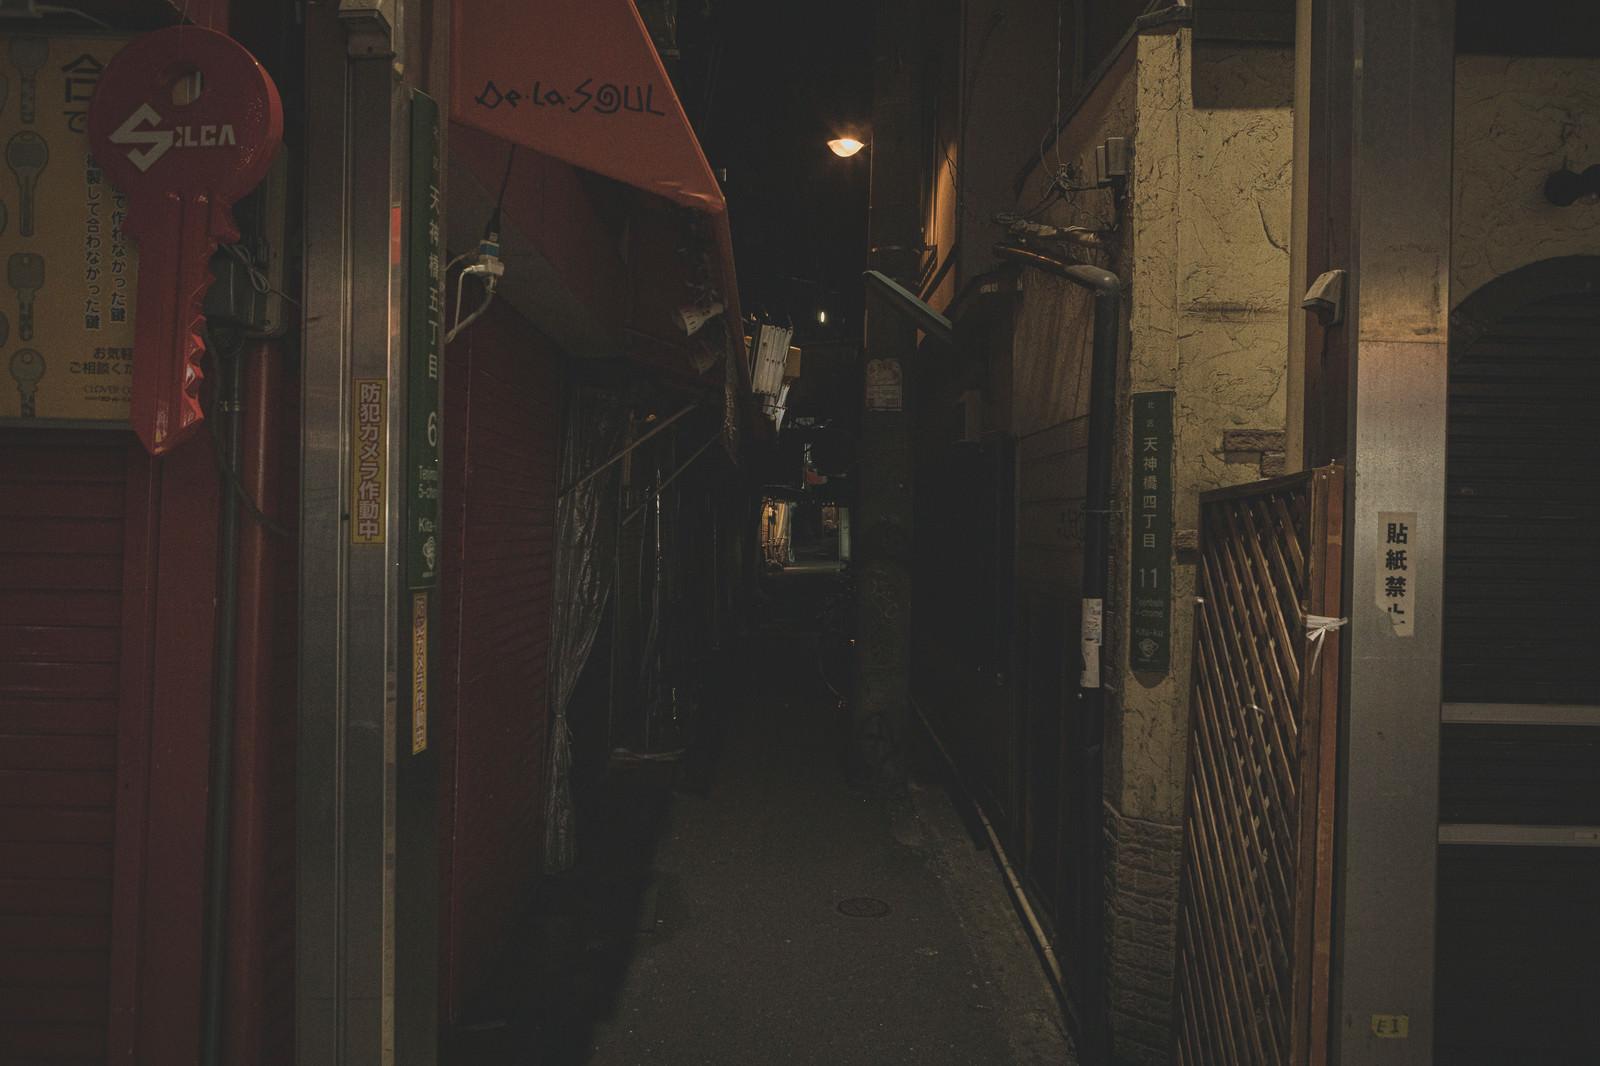 「閉店時間の路地裏」の写真